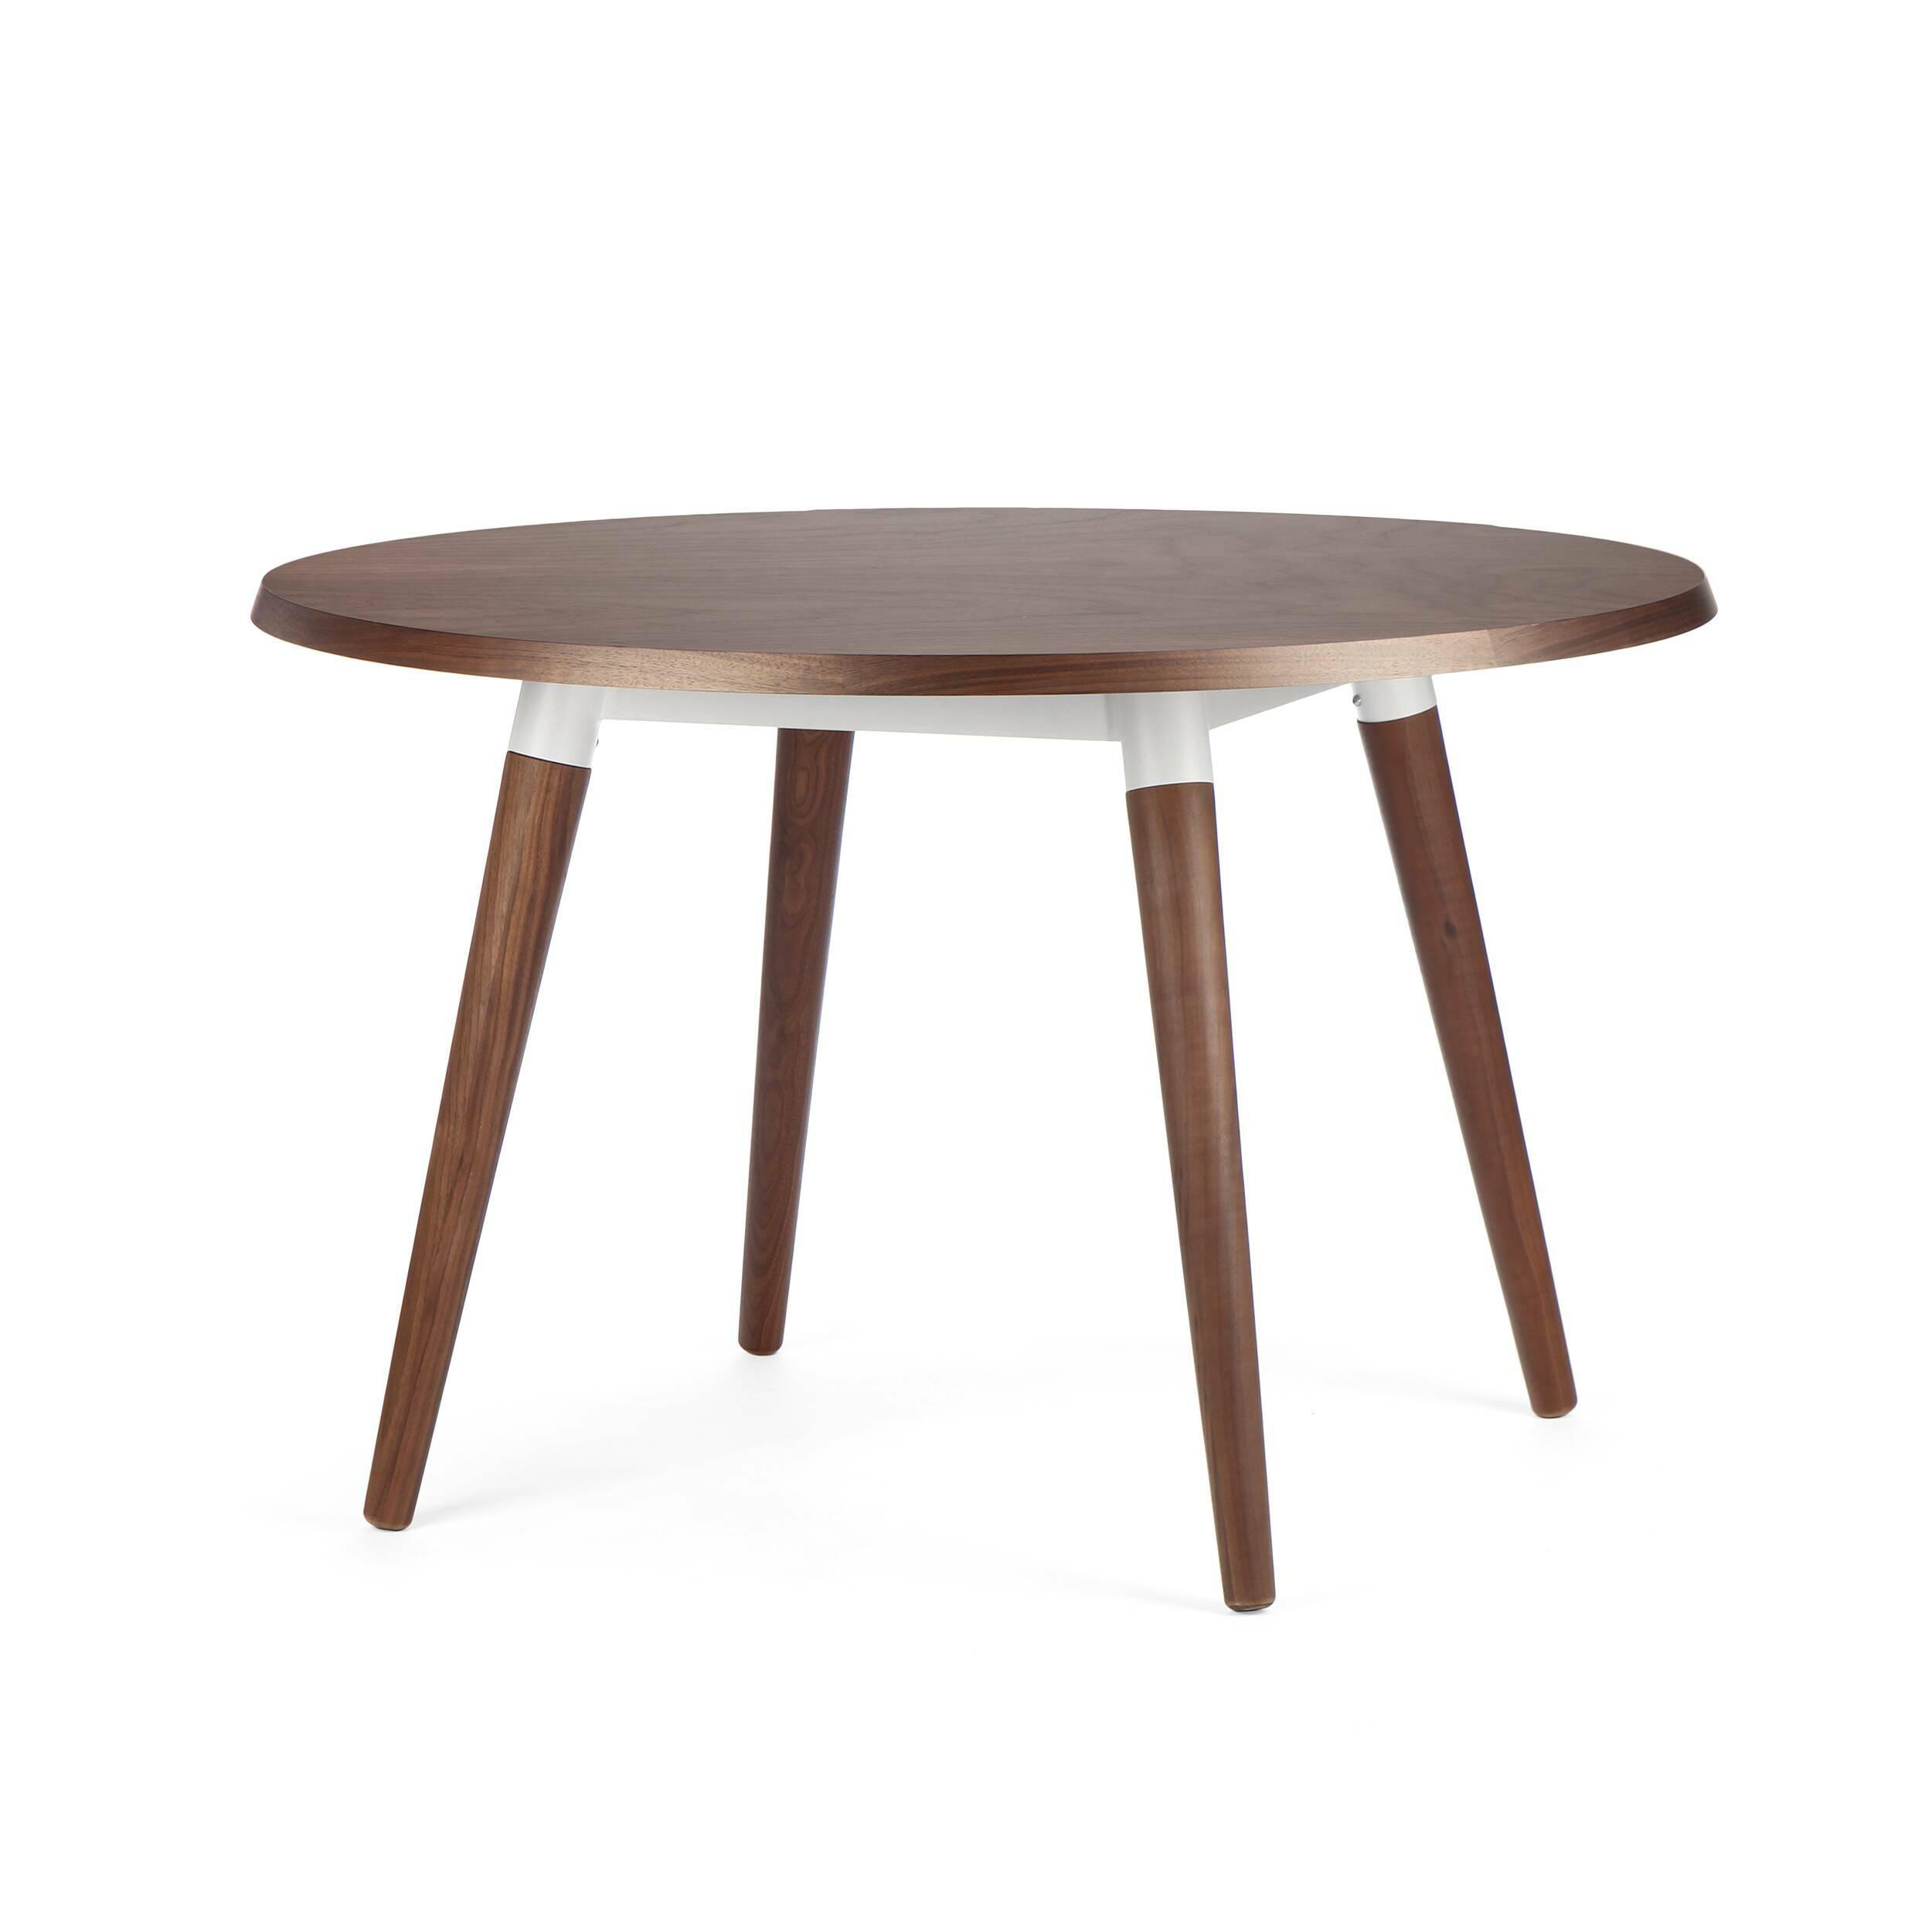 Обеденный стол Copine круглыйОбеденные<br>Дизайнерская круглый деревянный обеденный стол Copine на четырех ножках от Cosmo (Космо).<br>        Обеденный стол Copine круглый — актуальное решение для небольших кухонь. За его столешницей могут свободно уместиться четыре человека. Его современный дизайн в стиле датский модерн обязательно придется по вкусу всем, кто действительно разбирается в дизайне и ценит простой семейный уют.  <br><br><br>         Благодаря оригинальной темной столешнице, изделие отлично смотрится в интерьере с любым основны...<br><br>stock: 3<br>Высота: 75<br>Диаметр: 120<br>Цвет ножек: Орех американский<br>Цвет столешницы: Орех американский<br>Материал ножек: Массив ореха<br>Материал столешницы: Фанера, шпон ореха<br>Тип материала каркаса: Сталь<br>Тип материала столешницы: Фанера<br>Тип материала ножек: Дерево<br>Цвет каркаса: Белый